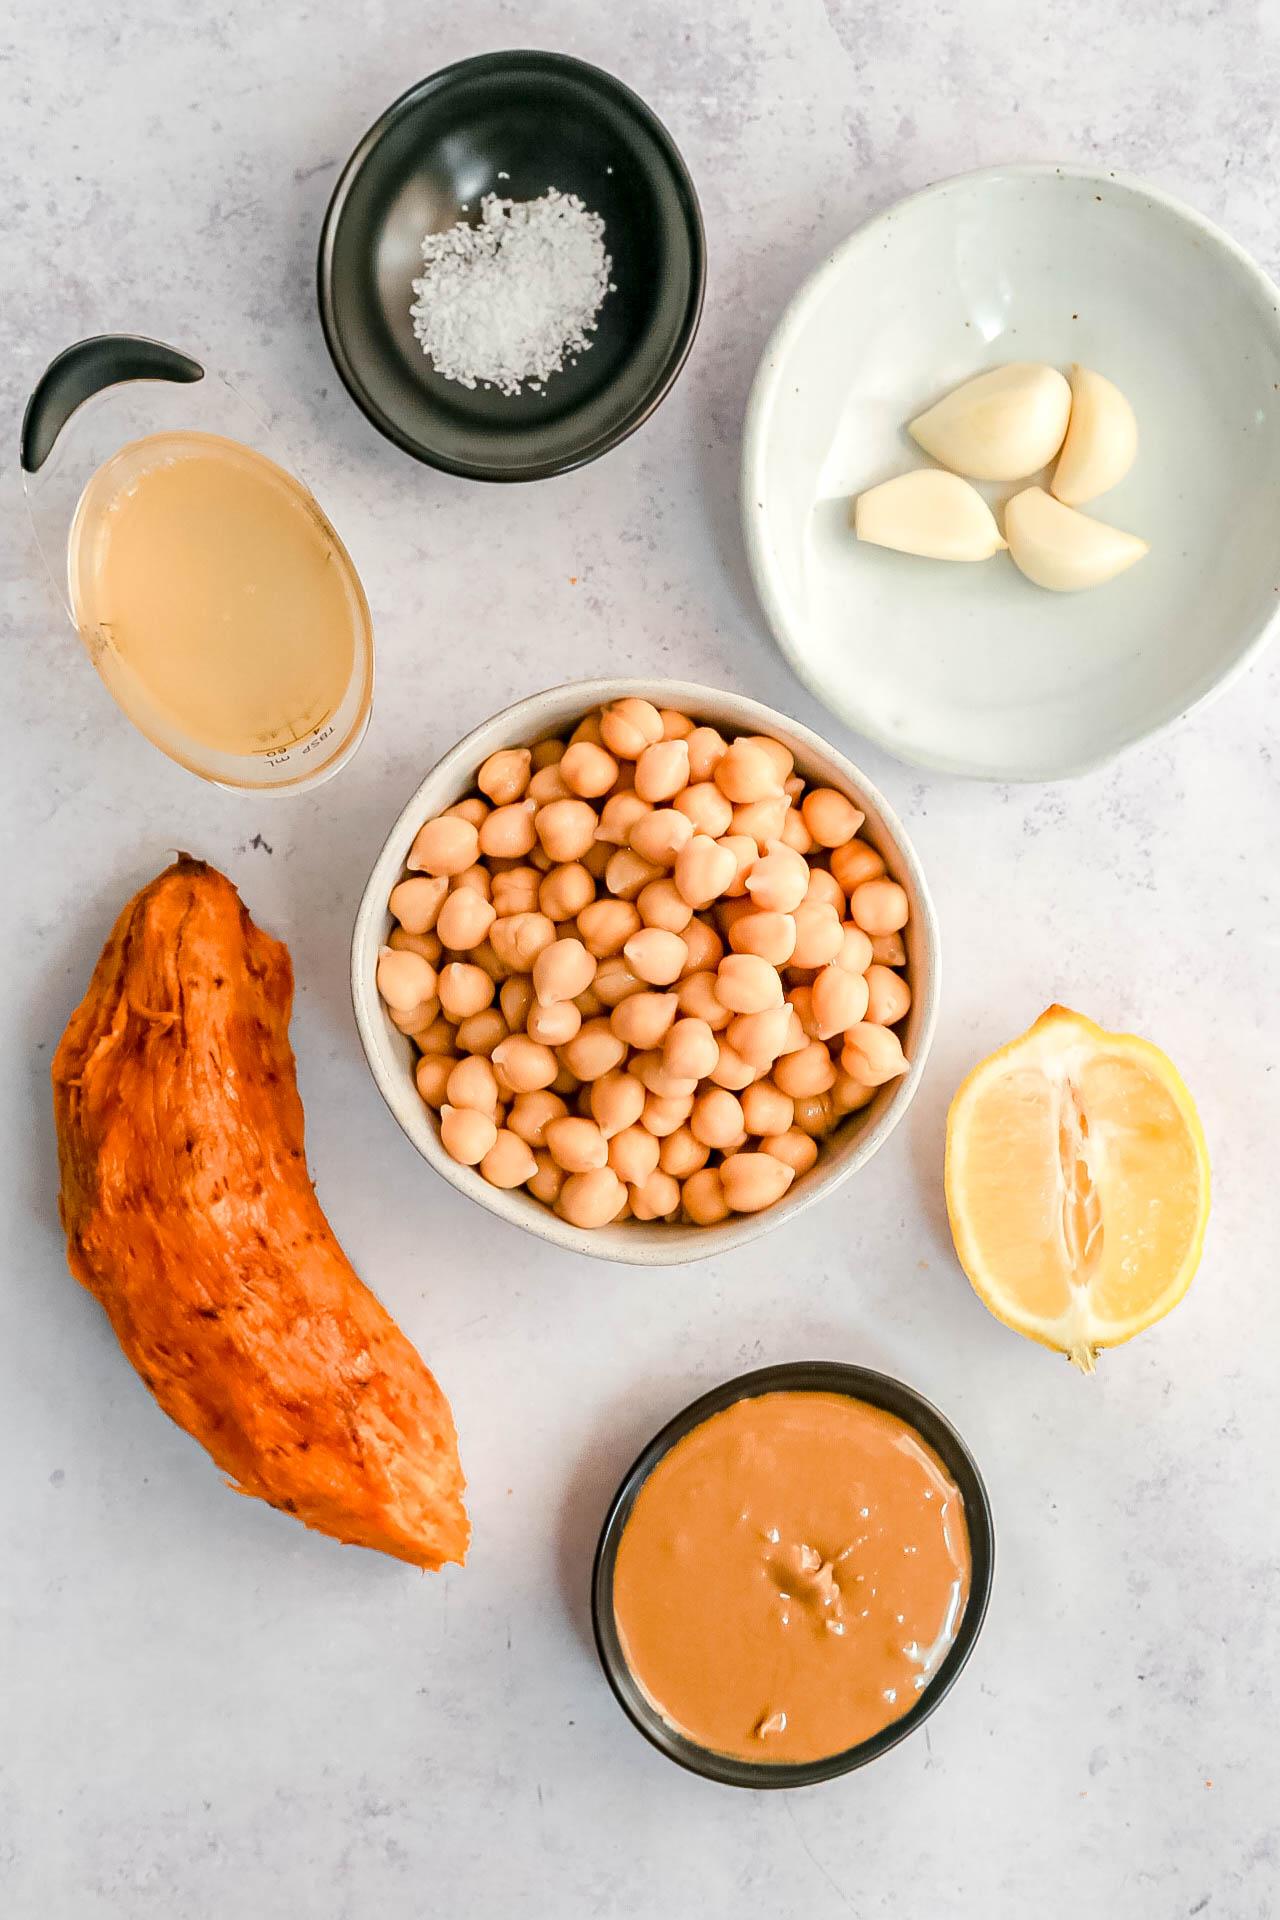 Sweet Potato Hummus Ingredients